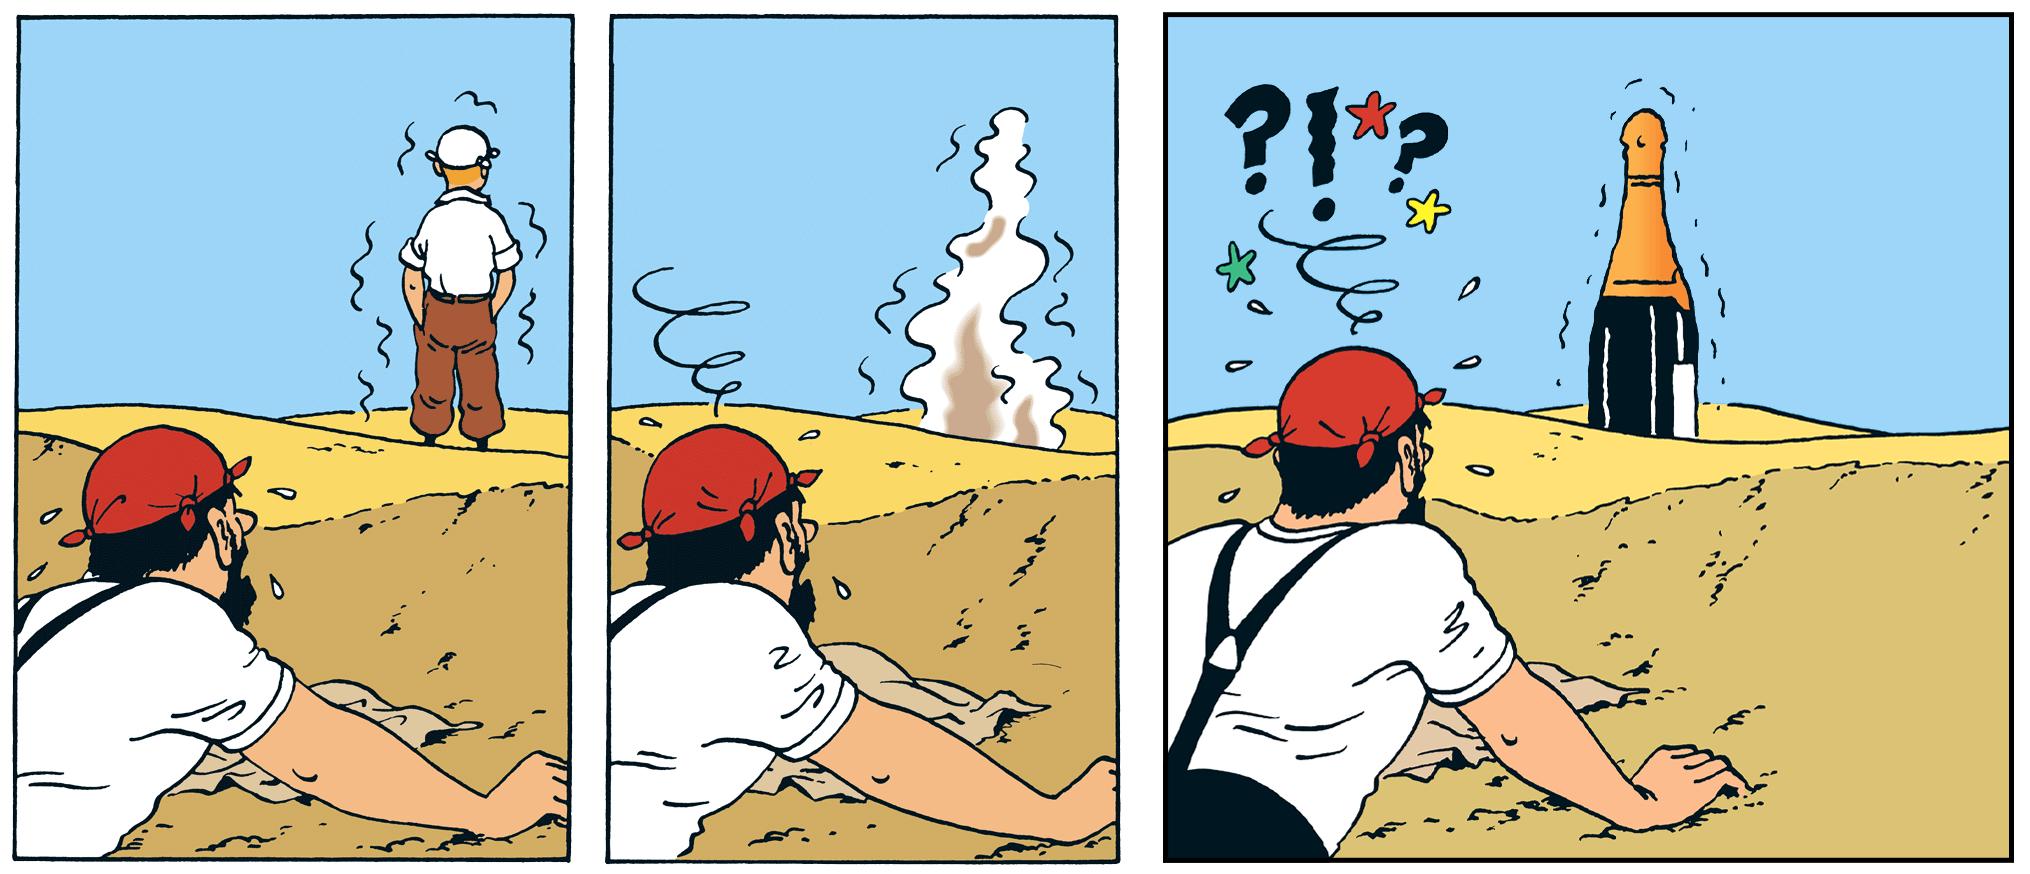 Le Capitaine Haddock hallucine et prend Tintin pour une bouteille de champagne dans le crabe aux pinces d'or